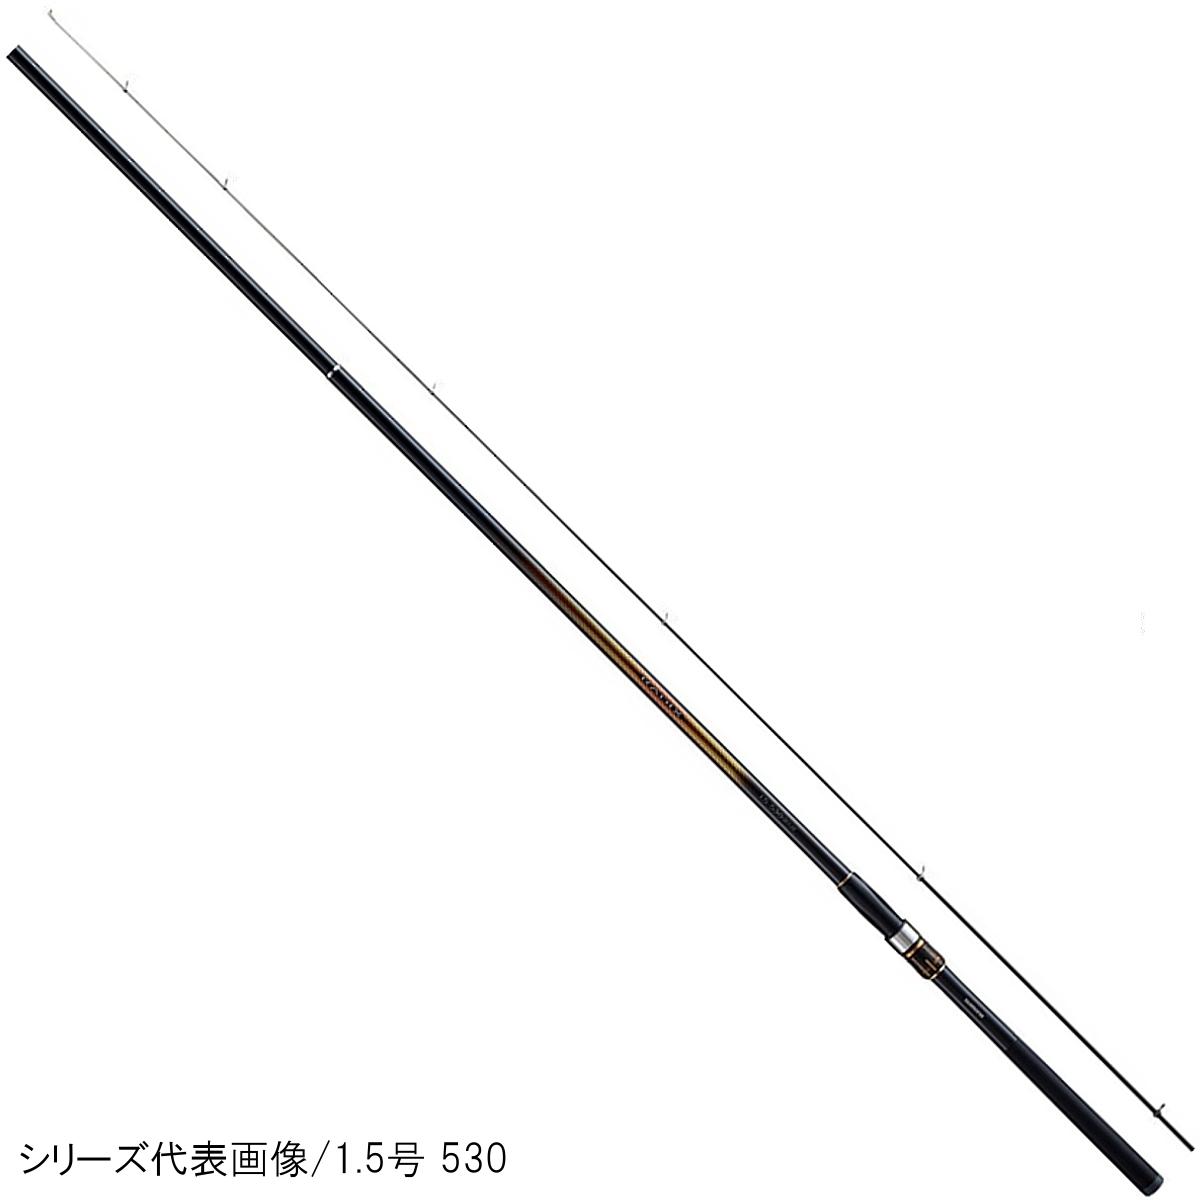 シマノ ラディックス 1号 530(東日本店)